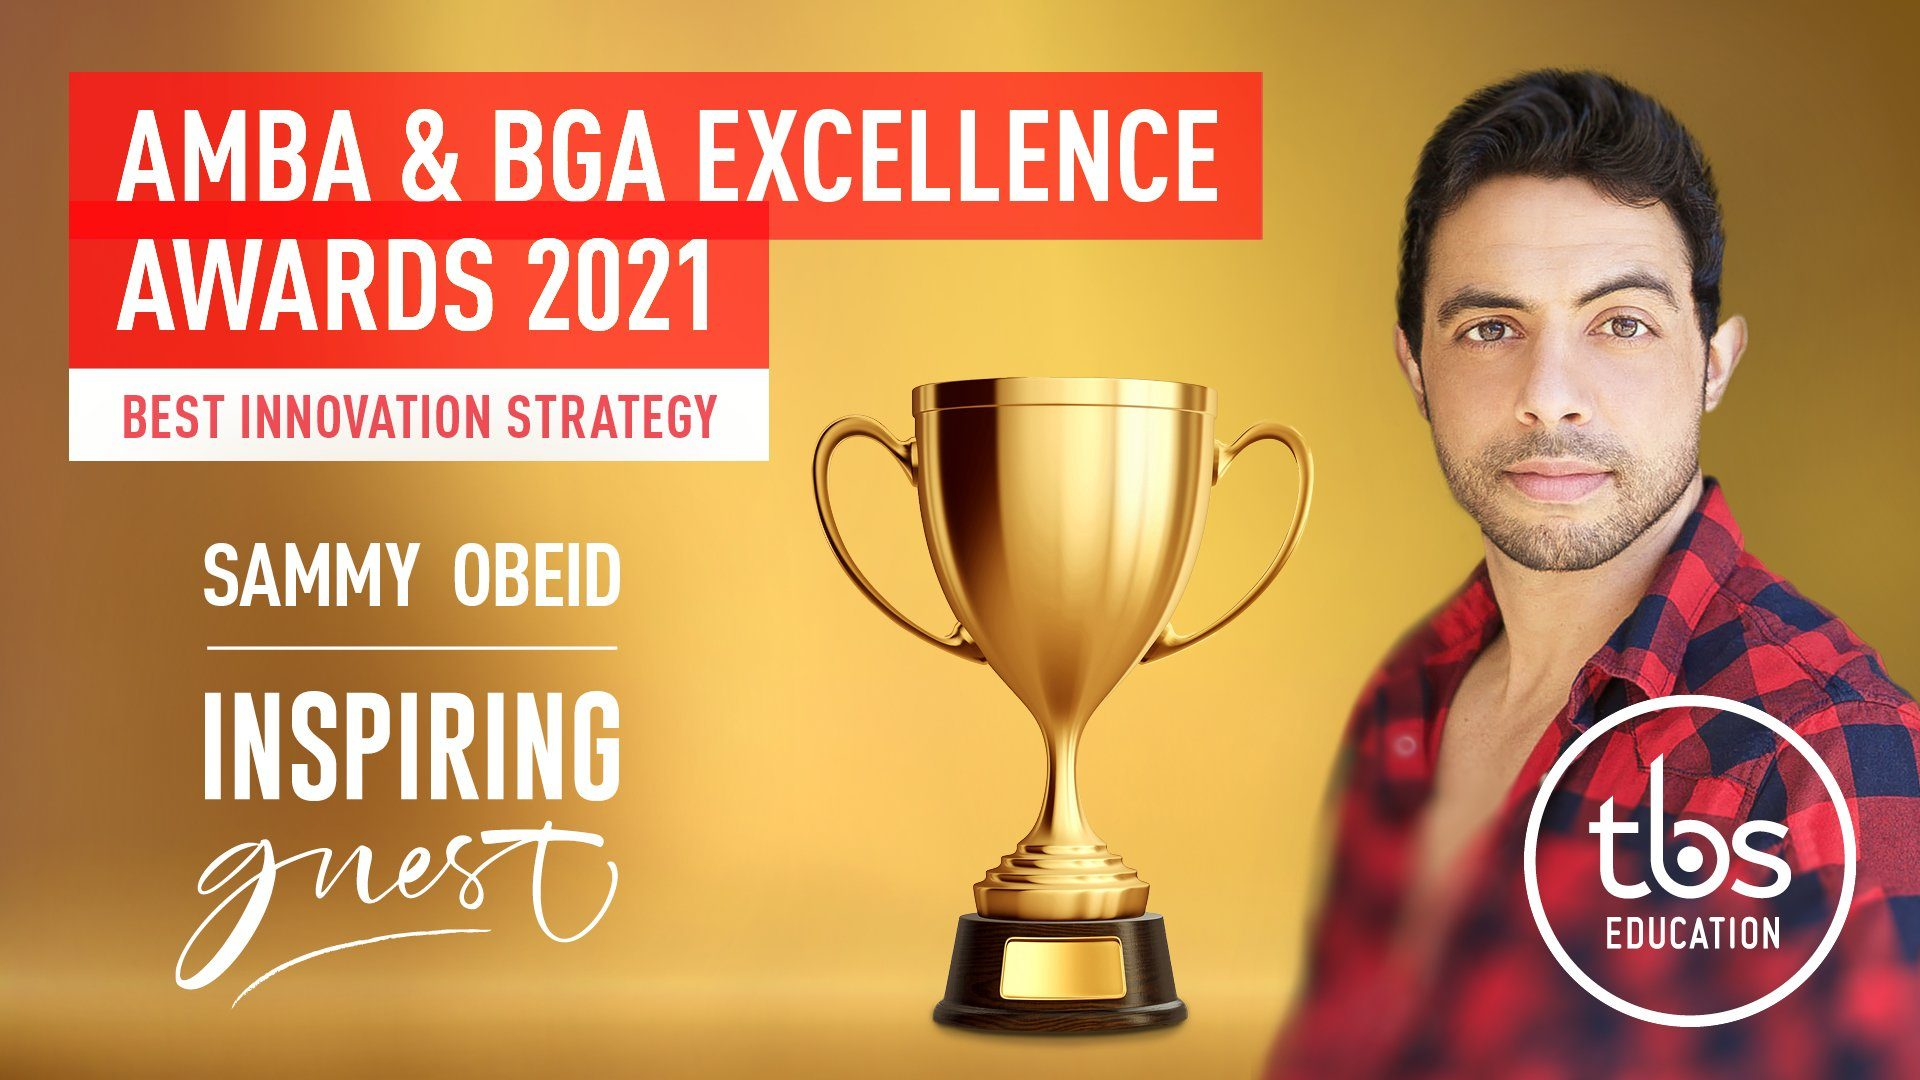 Amba Bga Excellence Awards 1920 X 1080px V1